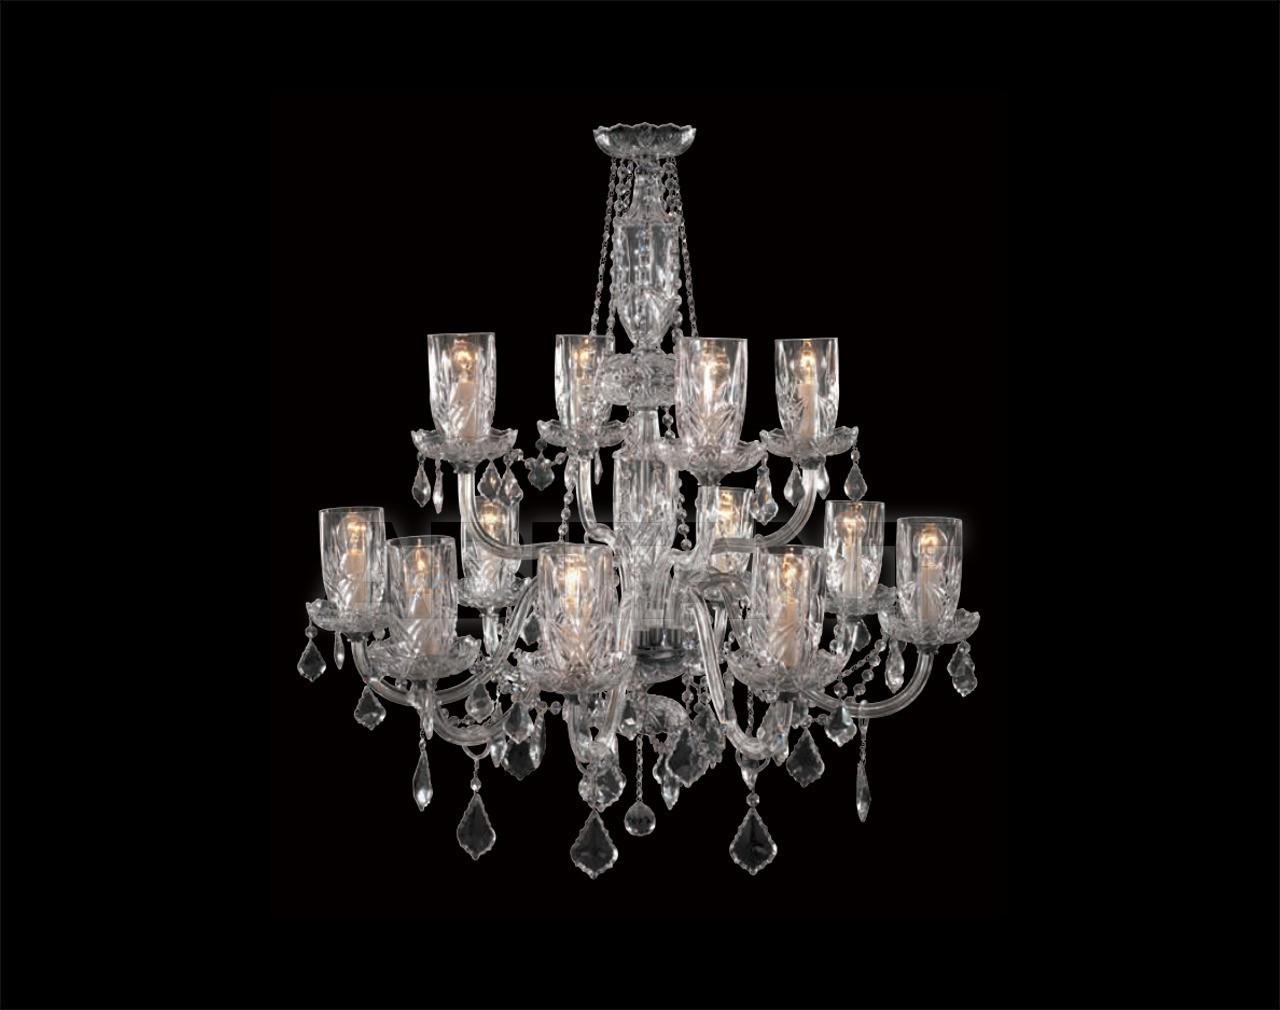 Купить Люстра ALBERTA Iris Cristal Classic 620169 8+4